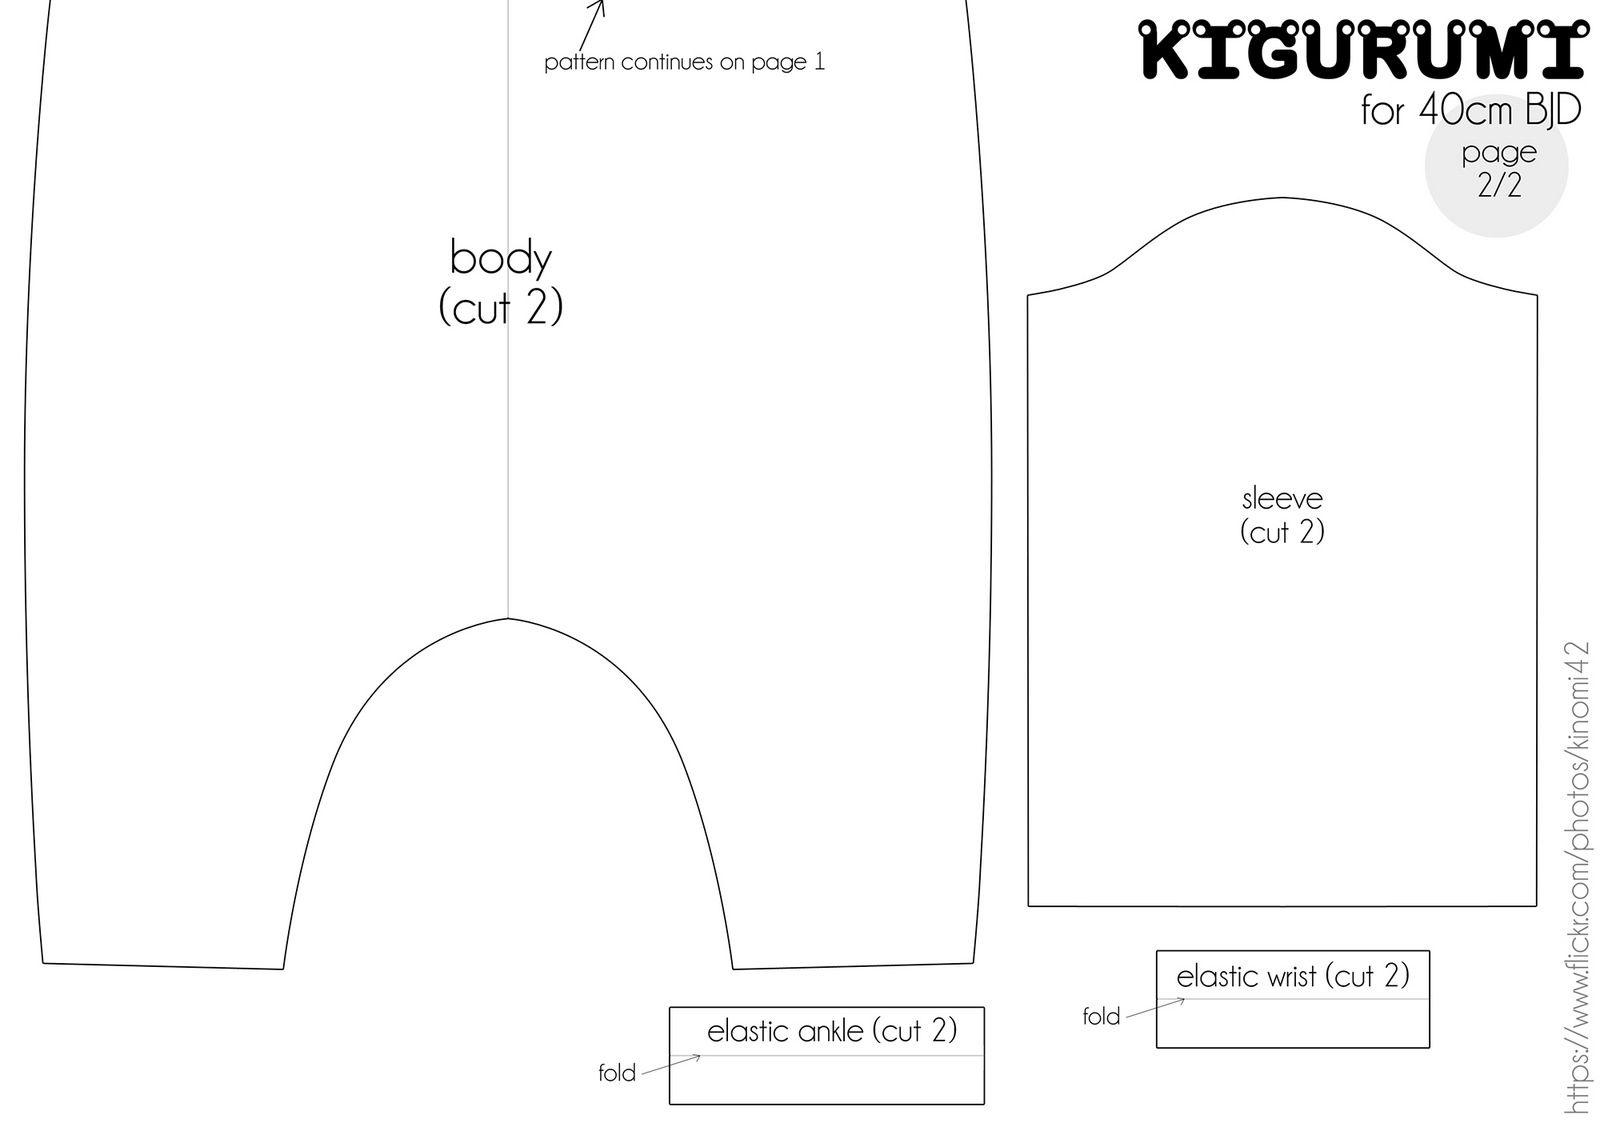 Bjd msd kigurumi pattern (A4 page 2) | doll clothes patterns mature ...